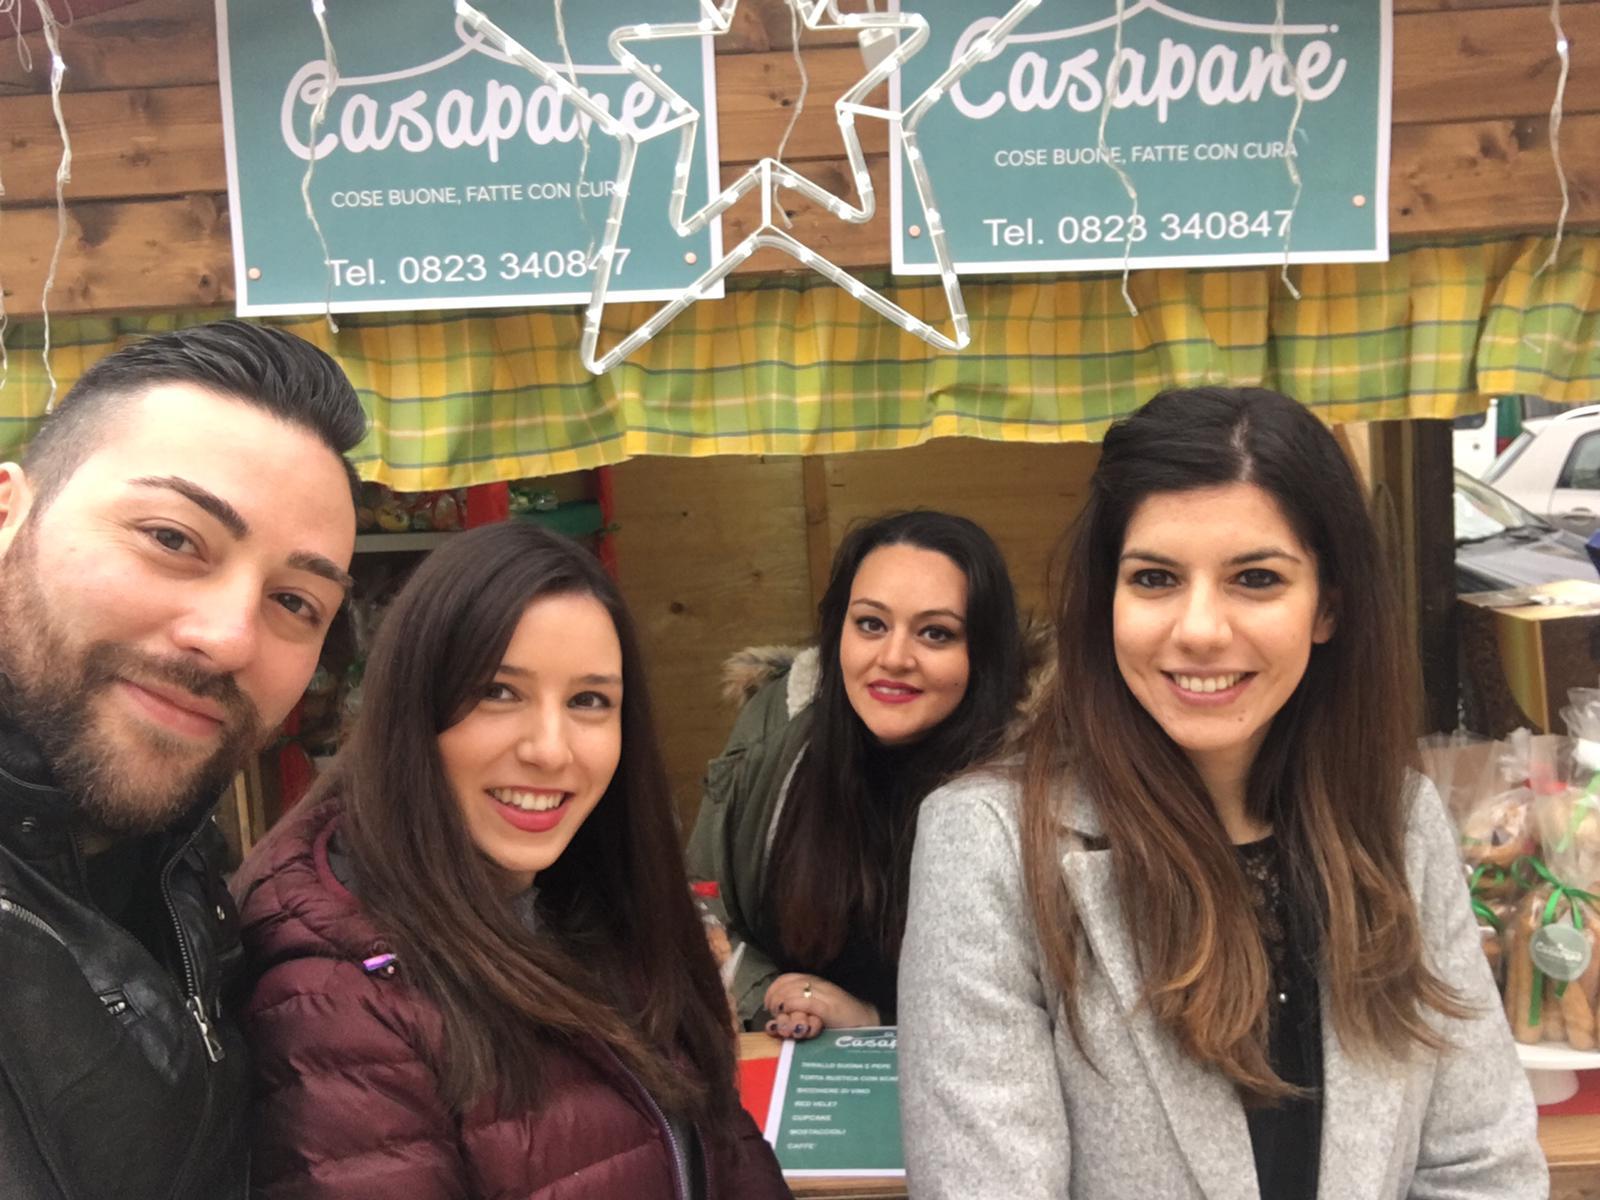 I dipendenti SAPA al lavoro per Casapane: un bellissimo esempio di volontariato (puoi farlo anche tu!)_Fondazione Affinita